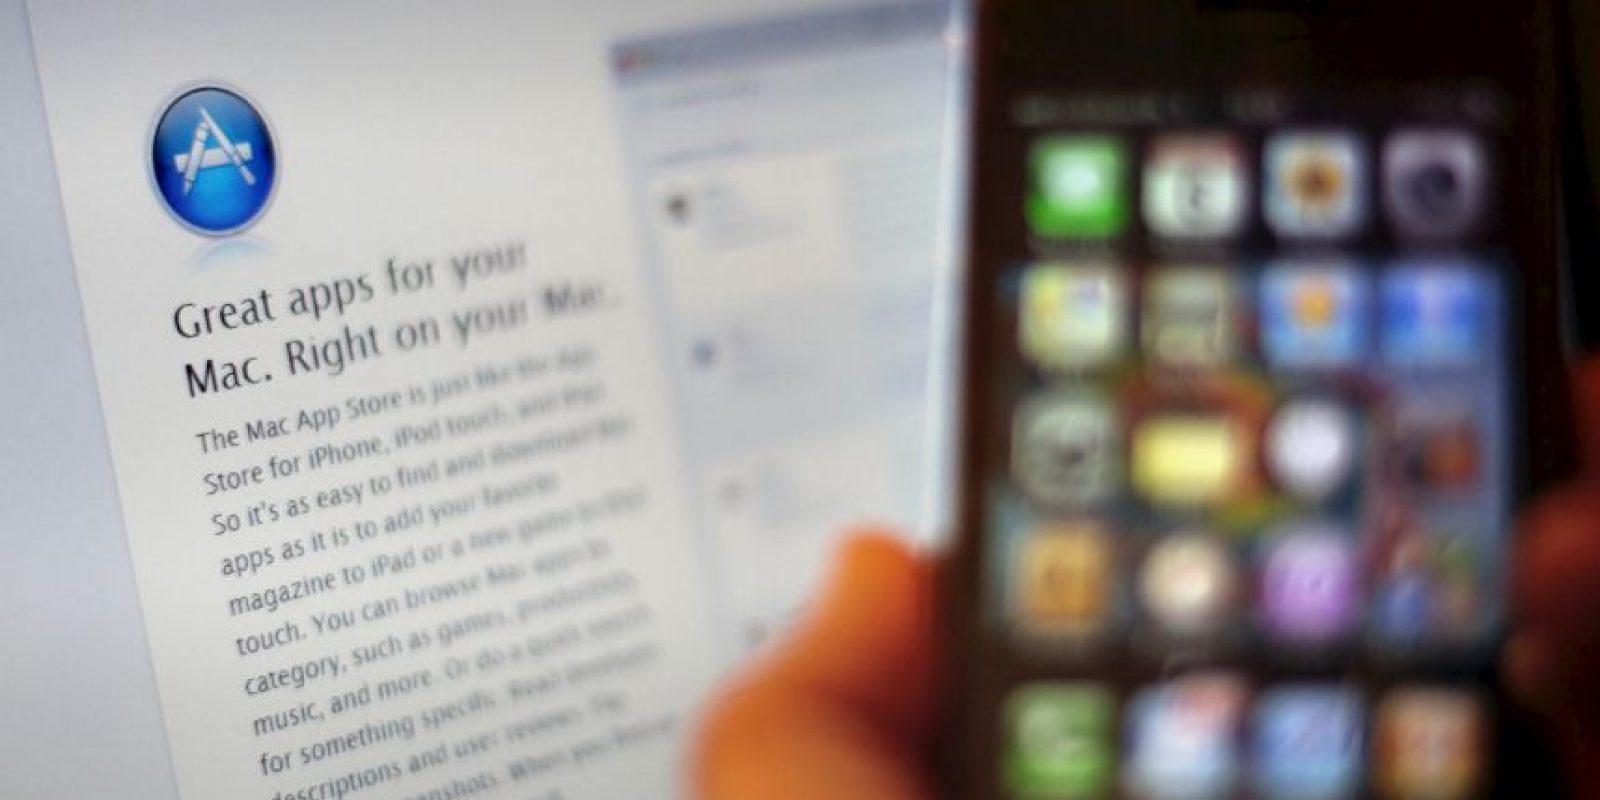 También, Apple desactivó las reseñas y comentarios en la App Store para su reciente versión beta de iOS 9 Foto:Getty Images